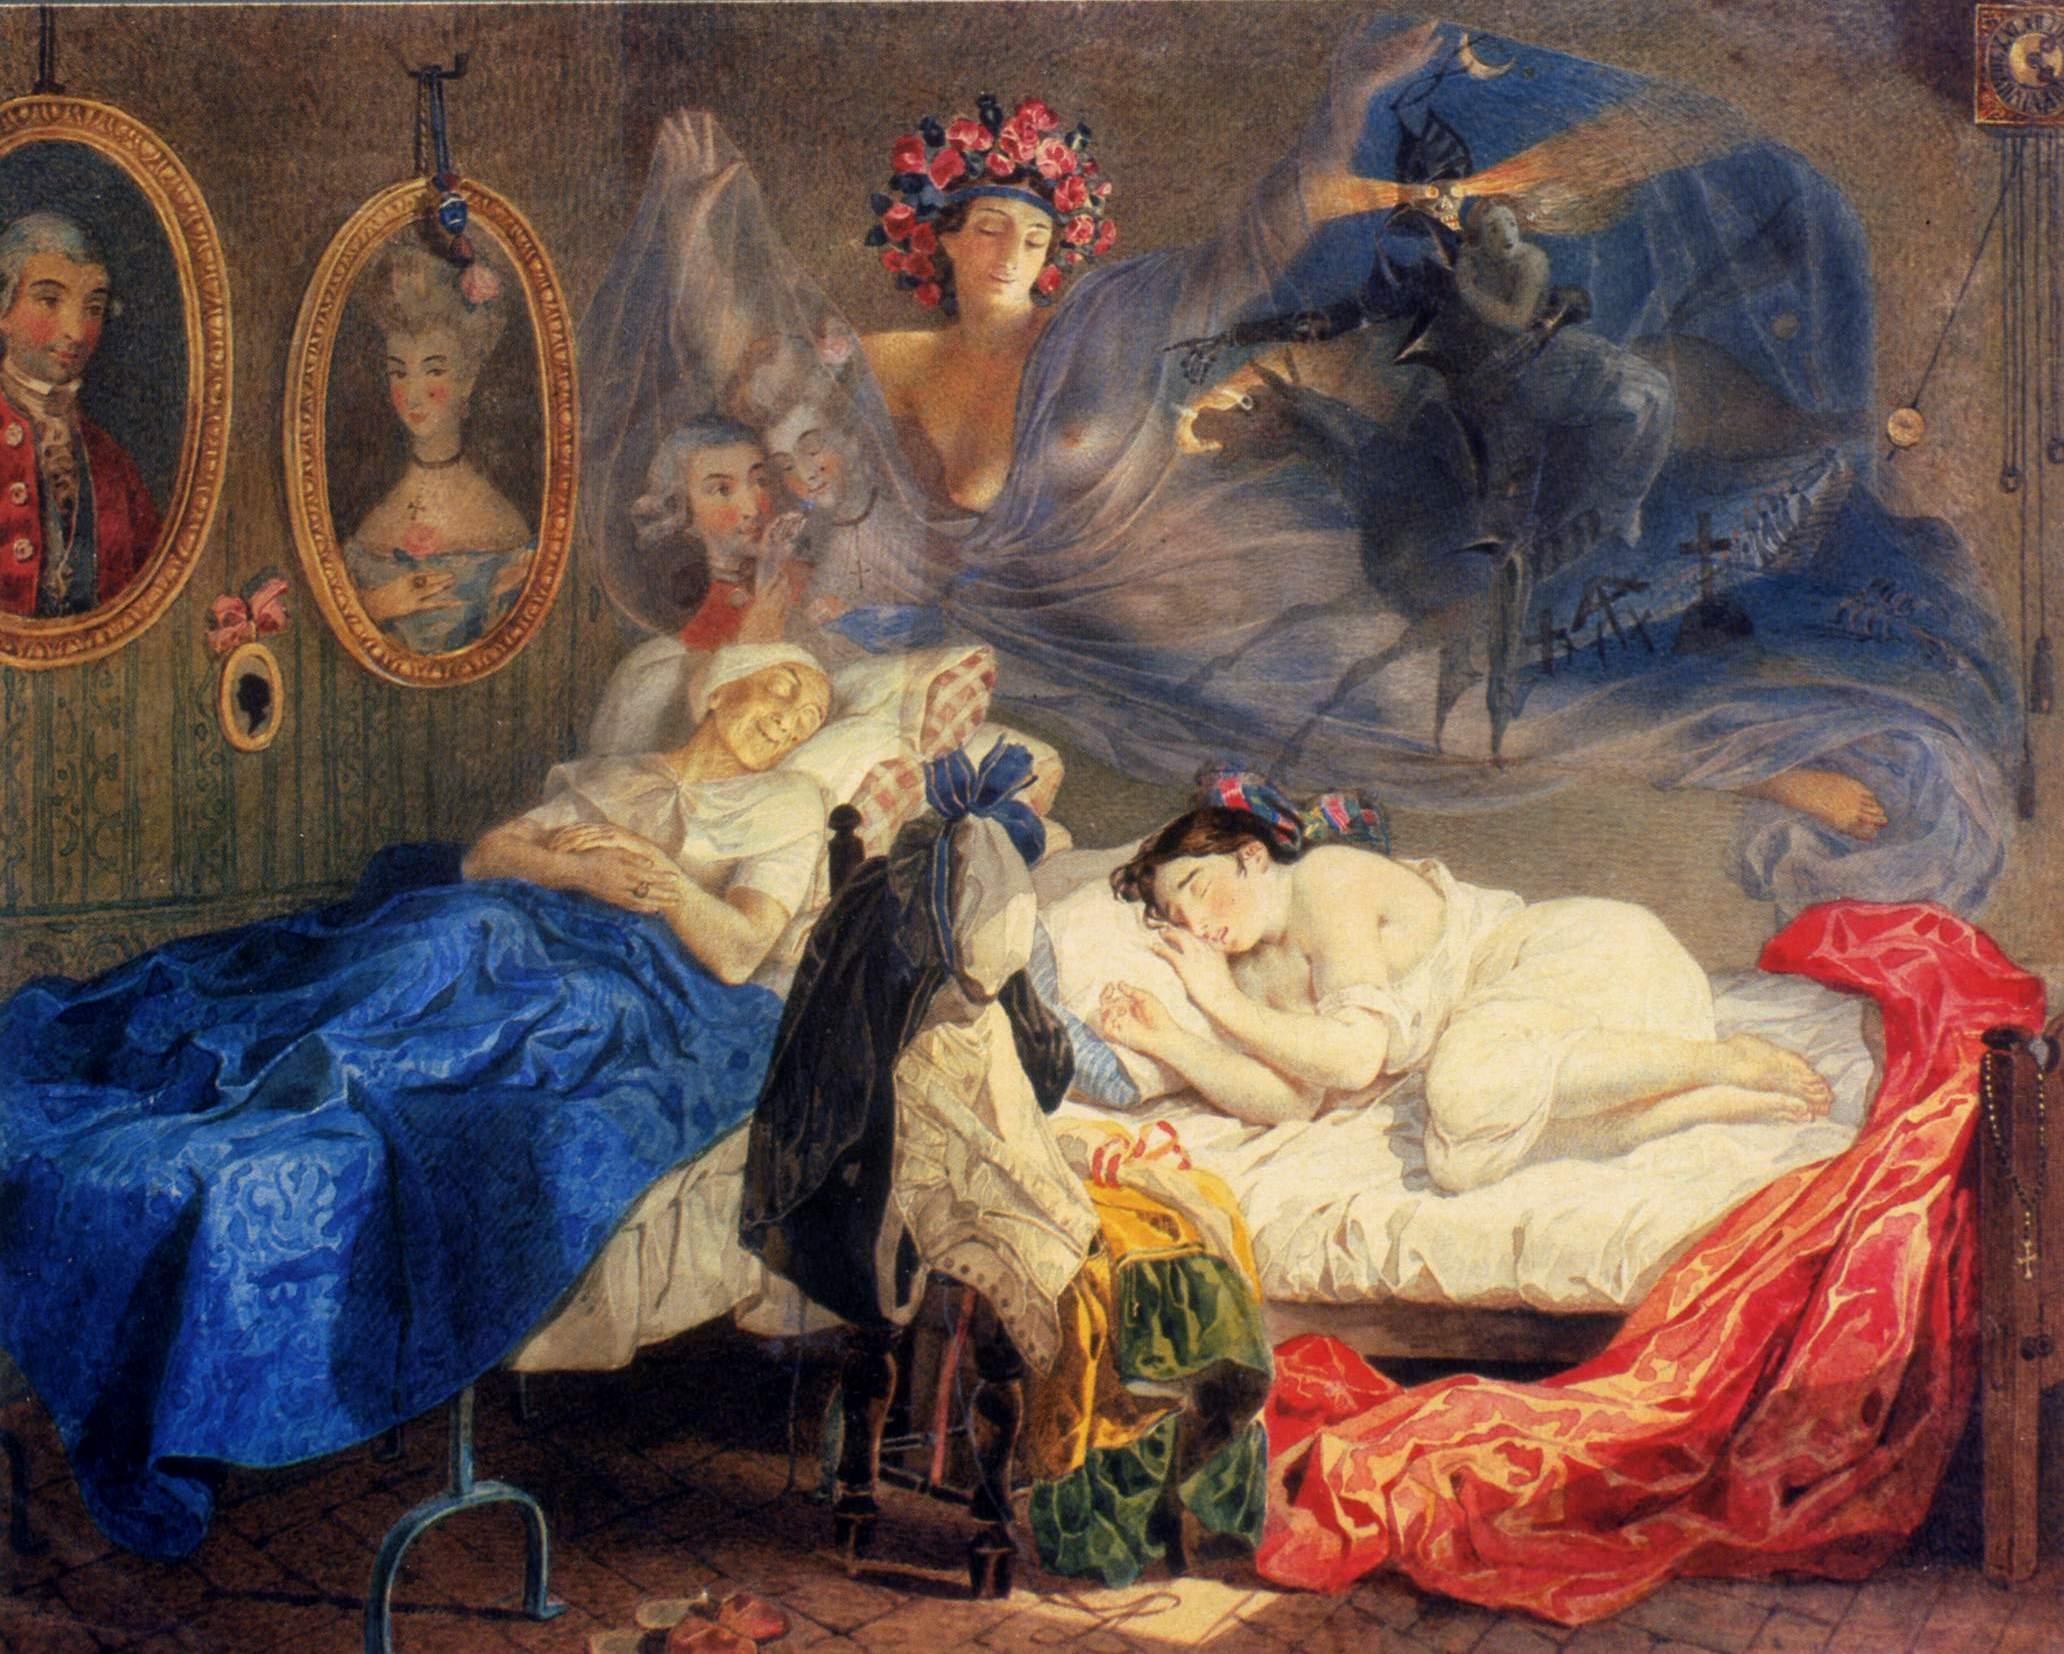 Видел я во сне горох, утром встал и вдруг подох. Д.Хармс